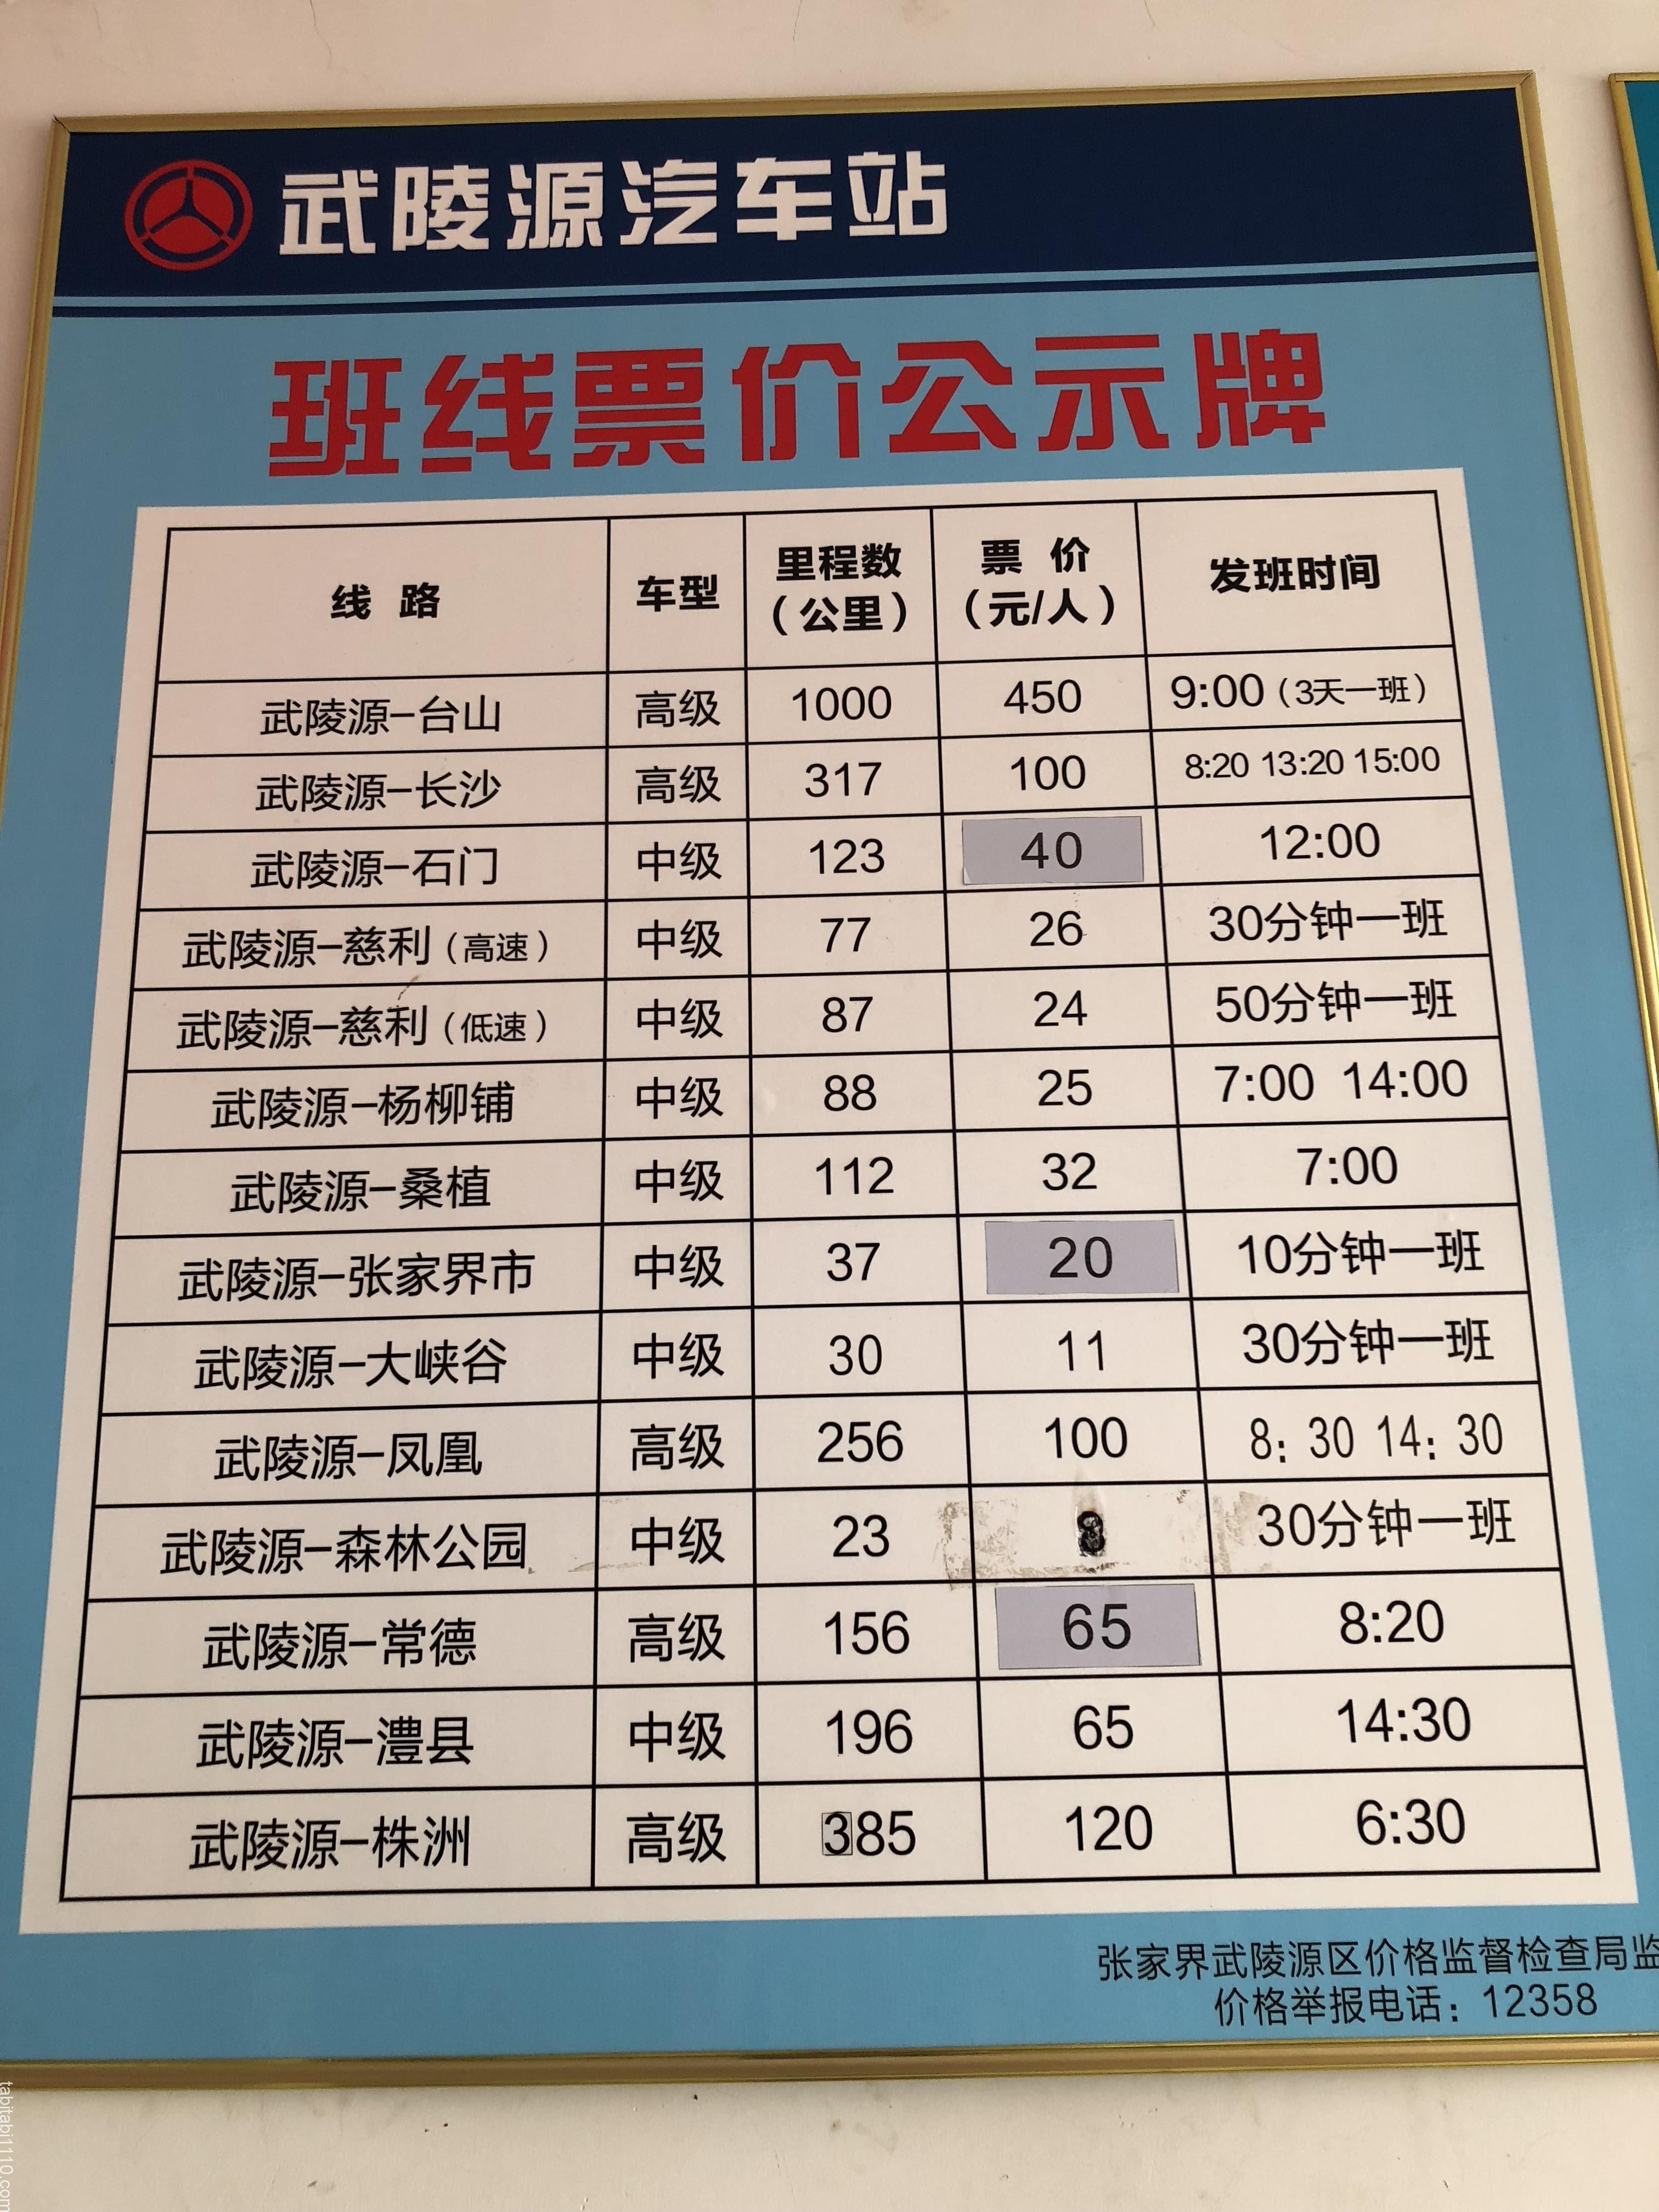 武陵源から長沙|時刻&料金表